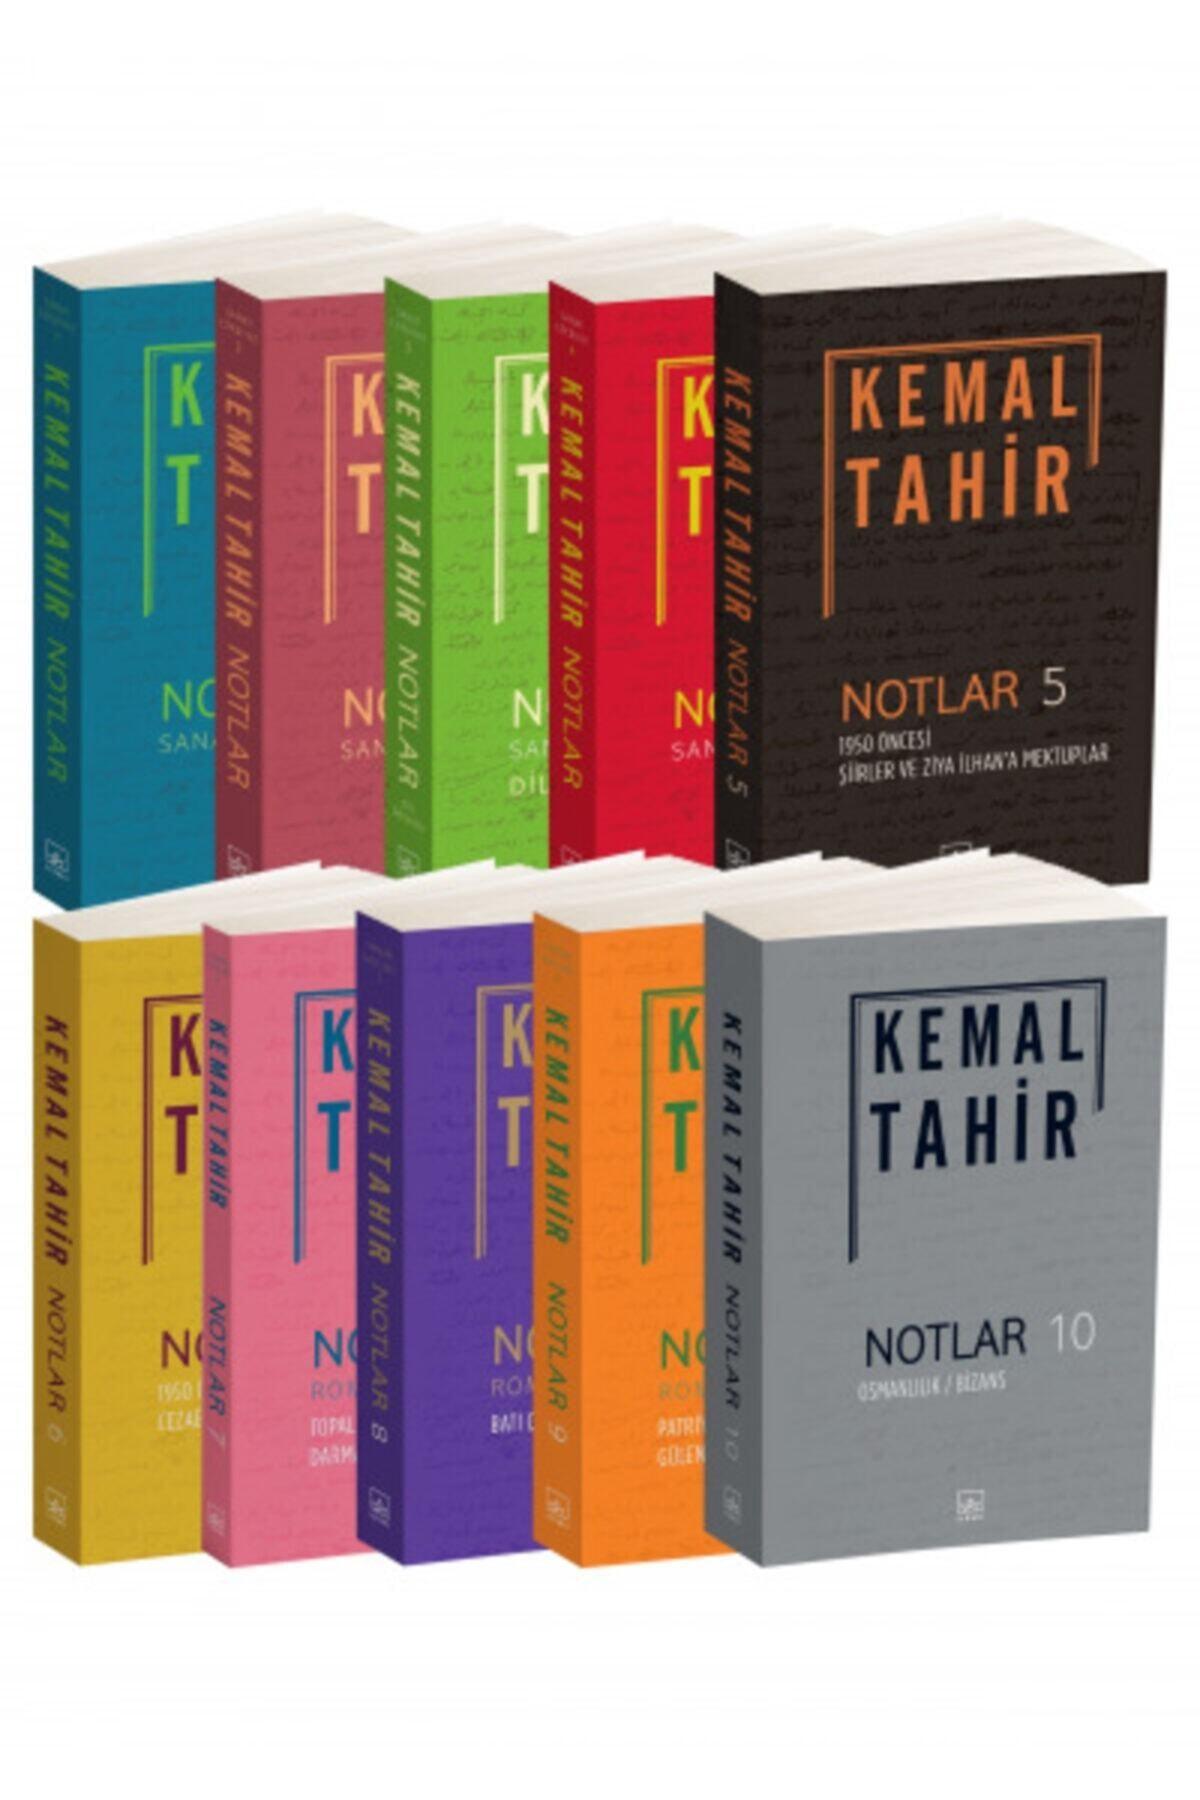 İthaki Yayınları Kemal Tahir Notlar 10 Kitap Takım 1